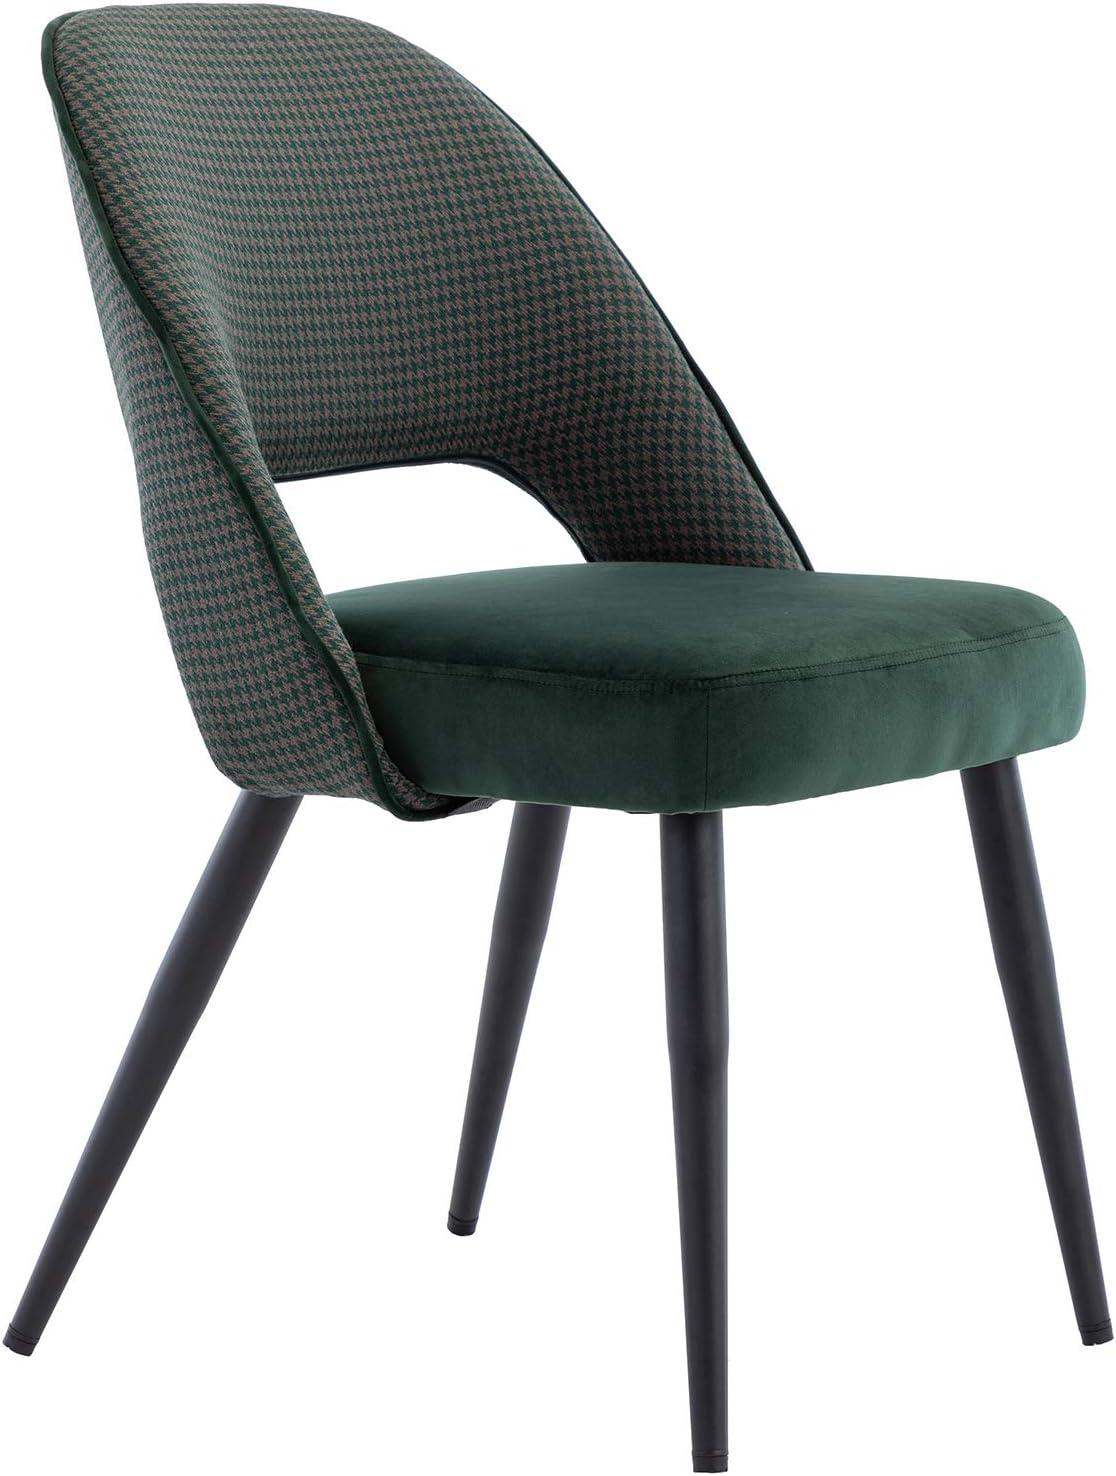 Wahson Lot de 2 Chaises de Salle à Manger Rembourrées en Velours et Tissu Chaise de Loisirs avec Pieds en Métal pour Cuisine/Salon (Vert) Vert